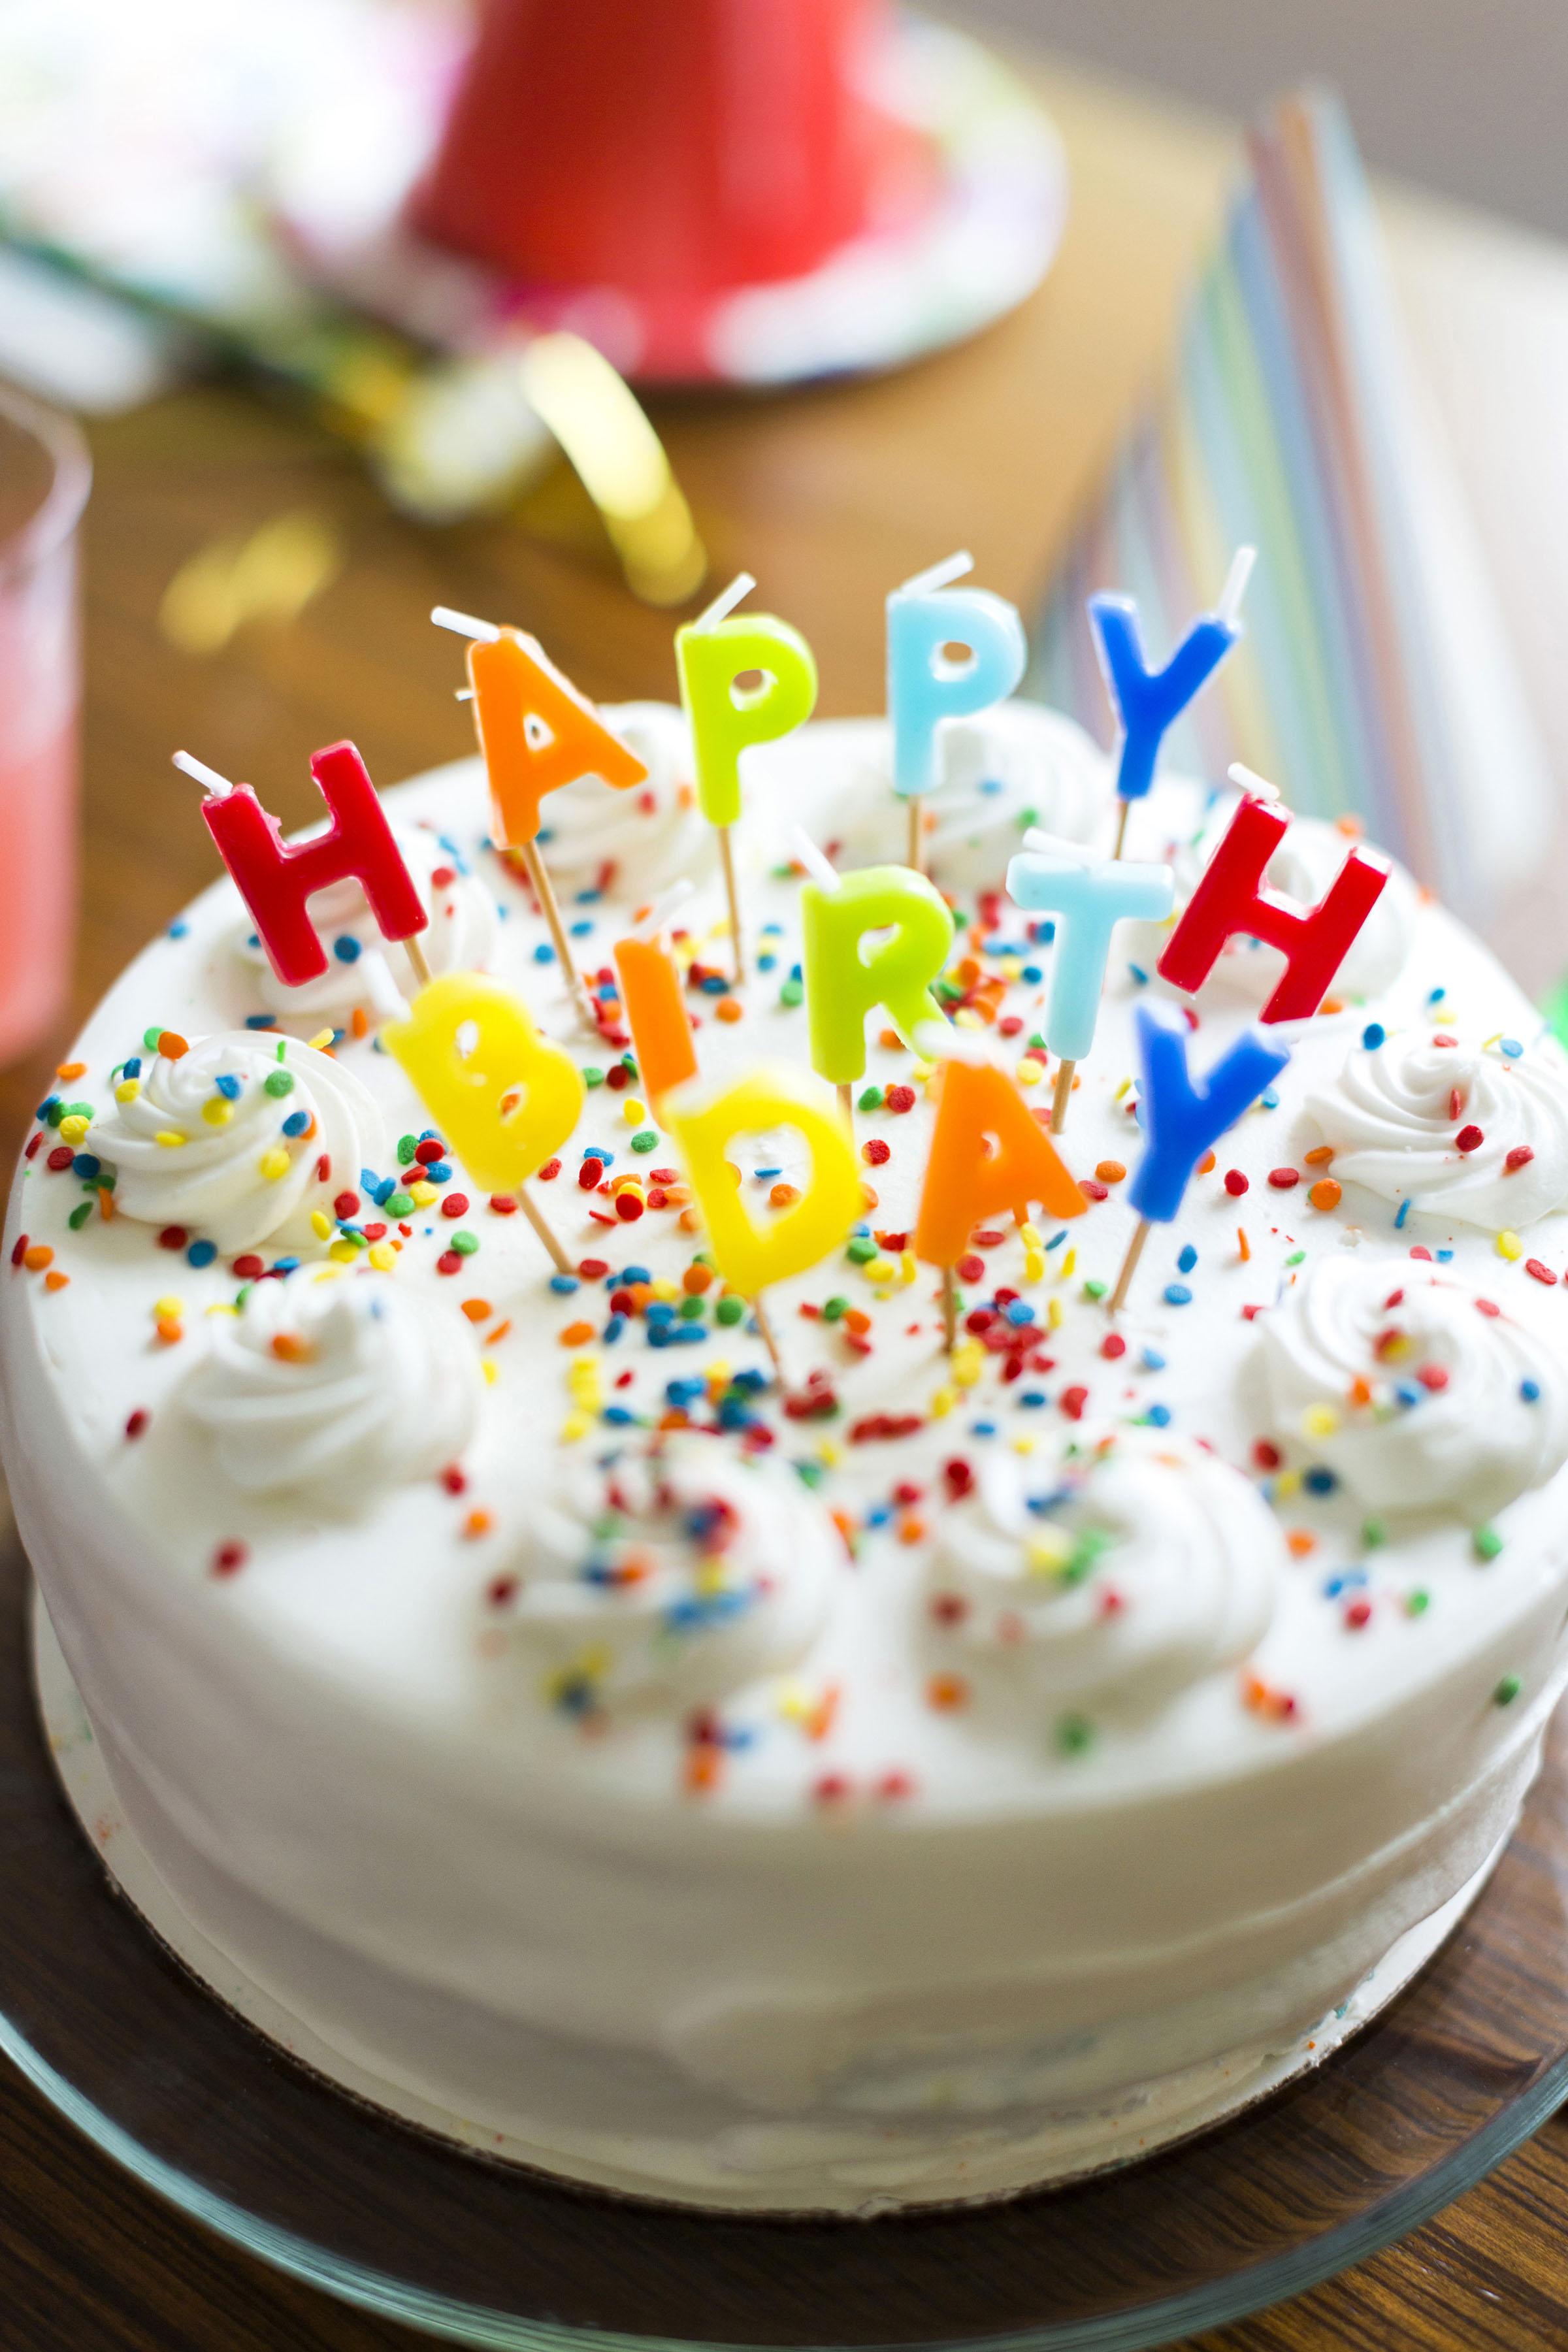 Birthday cake on table Keine Weitergabe an Drittverwerter.